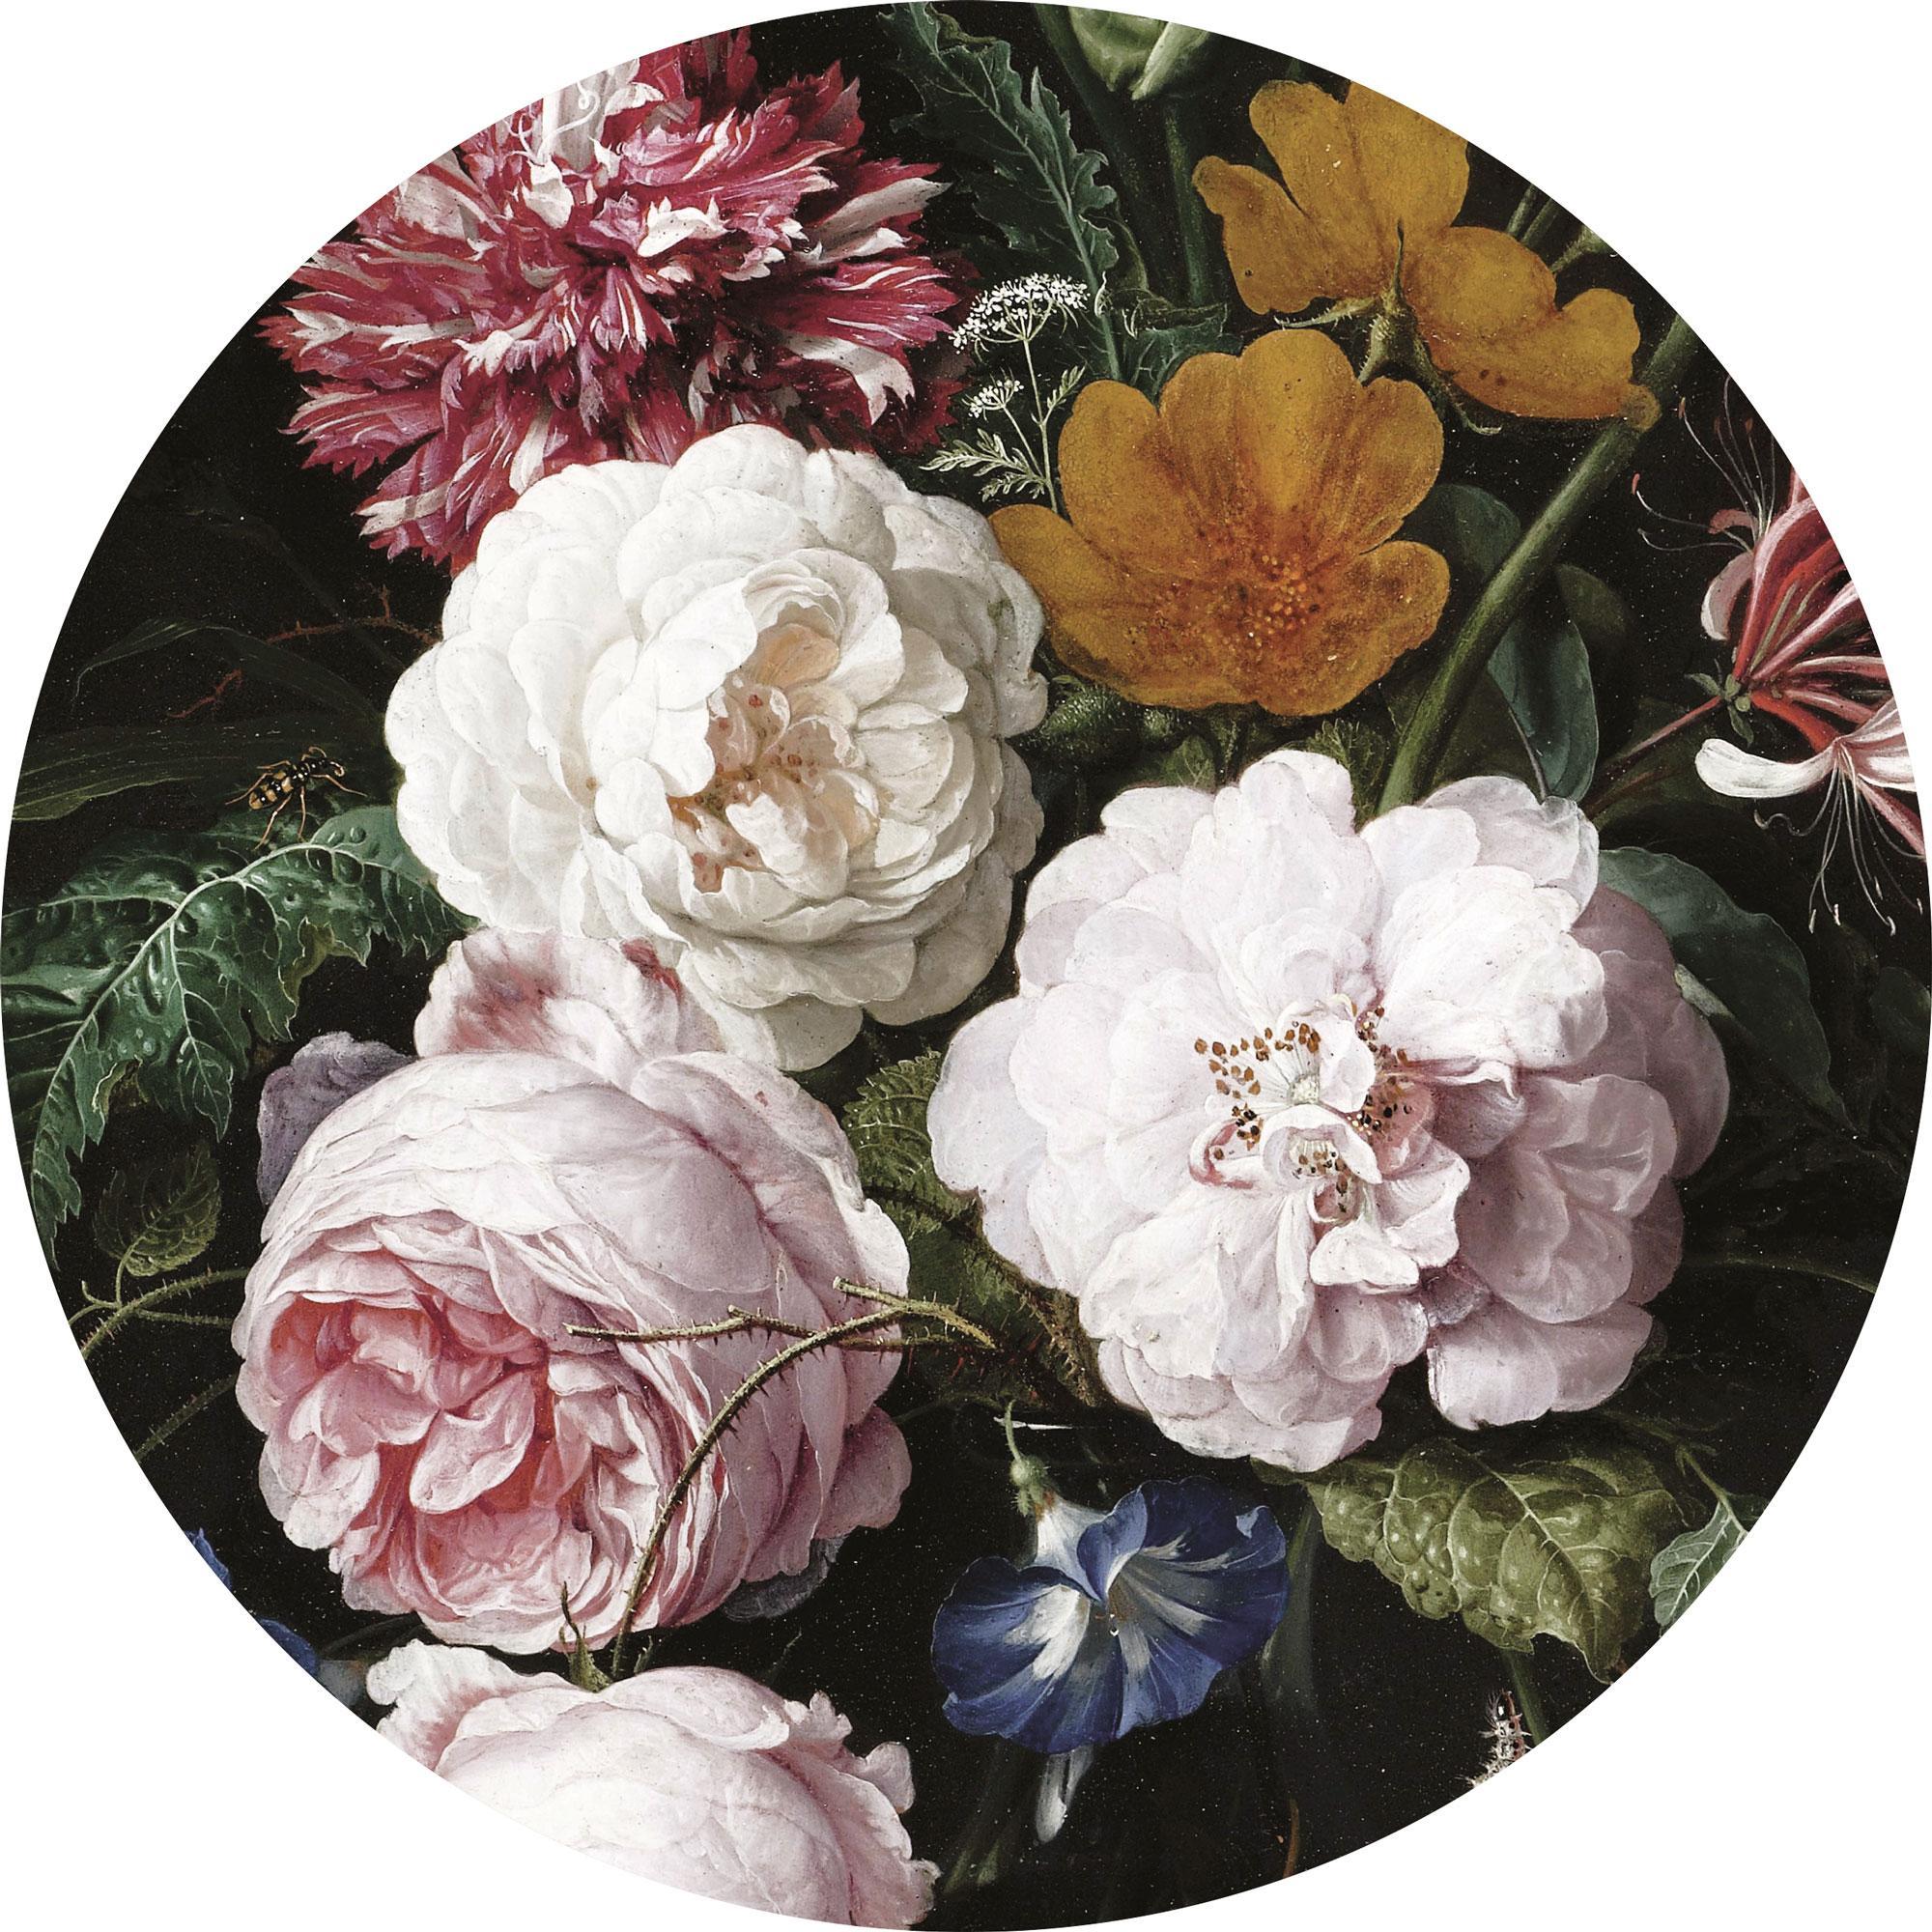 Fototapete Golden Age Flowers, Vlies, matt, umweltfreundlich und biologisch abbaubar, Mehrfarbig, Ø 190 cm